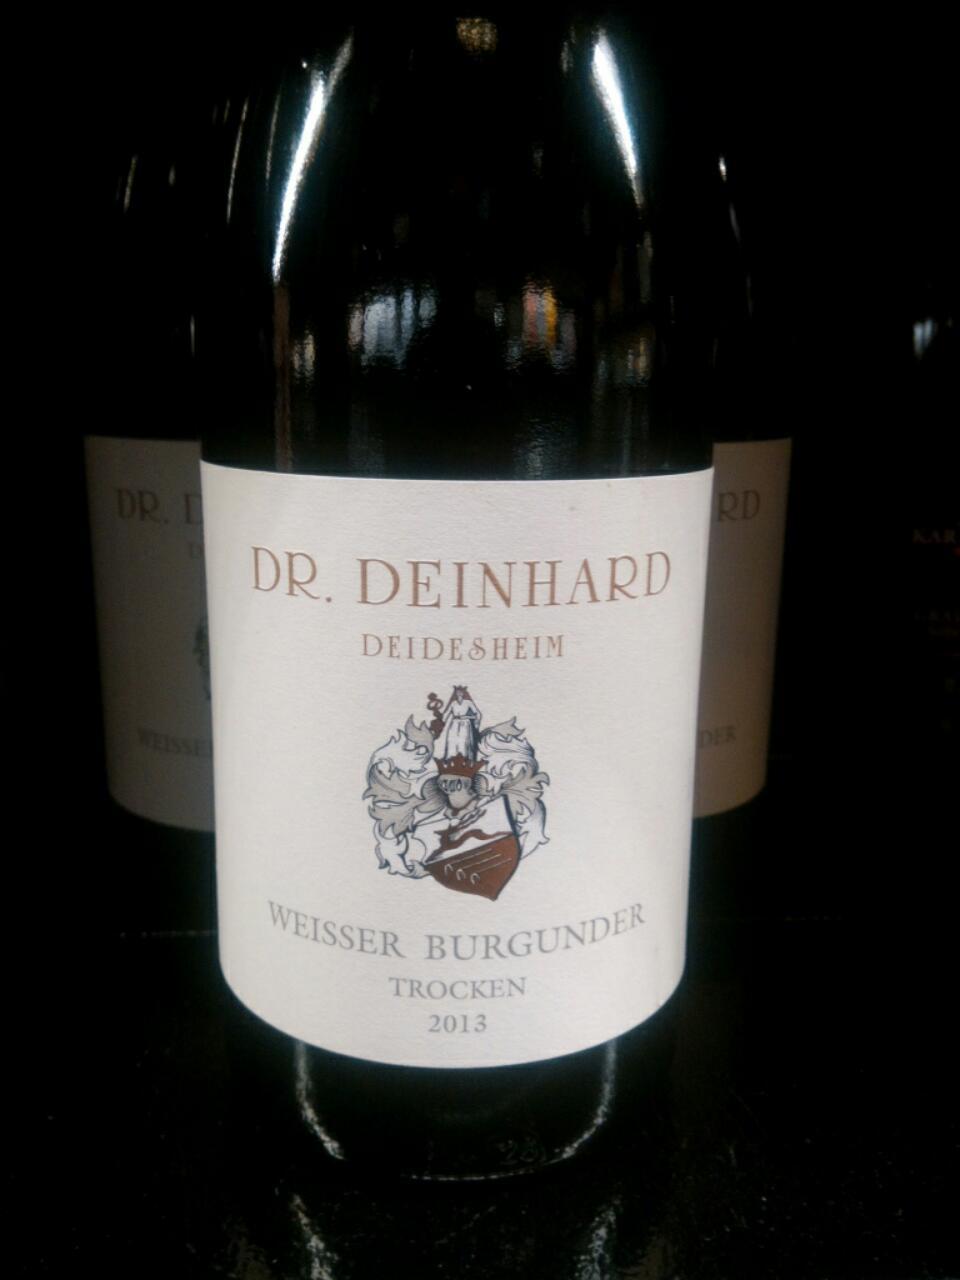 Dr deinhard deidesheim trocken weisser burgunder 2013 for Deinhard wine